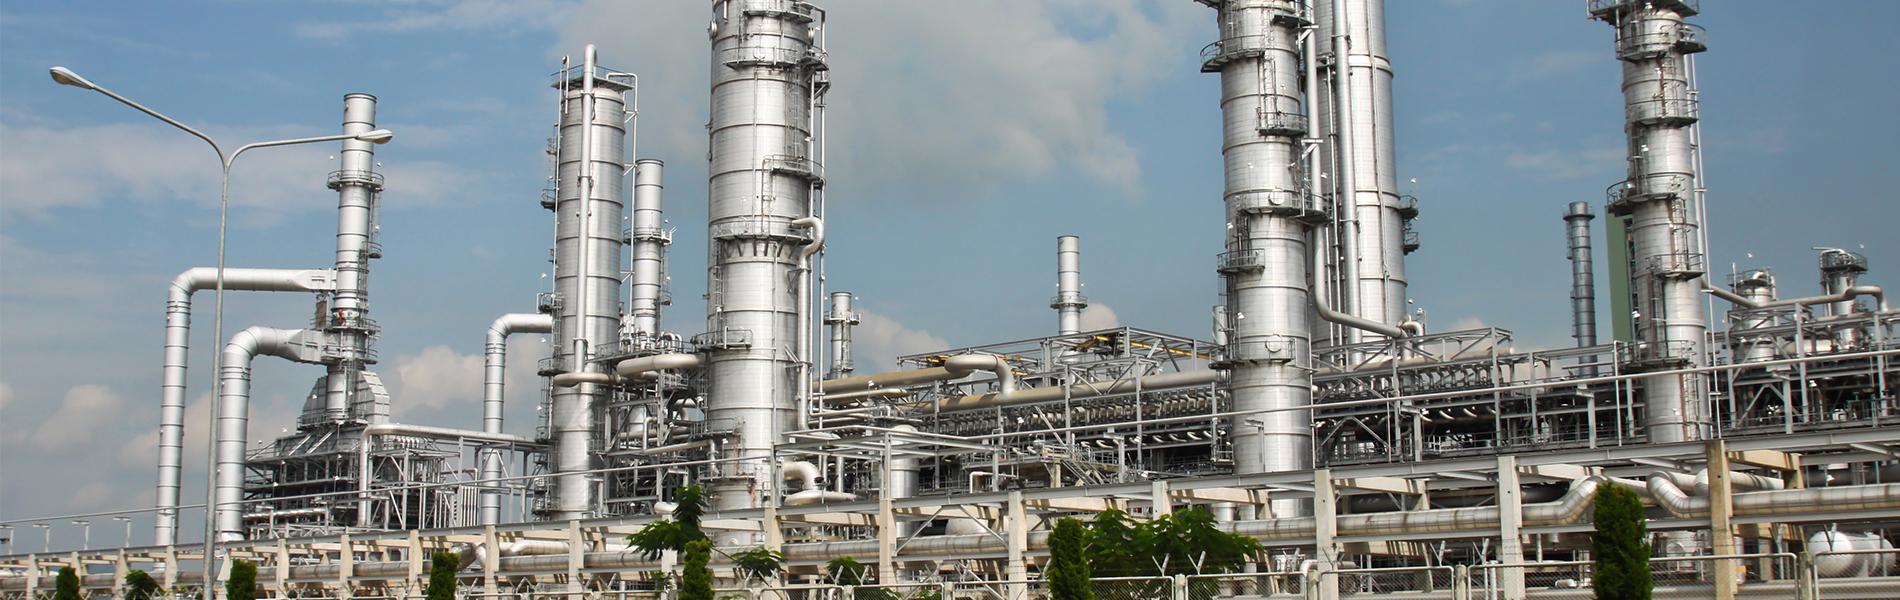 Creazione, realizzazione e manutenzione Impianti Industriali